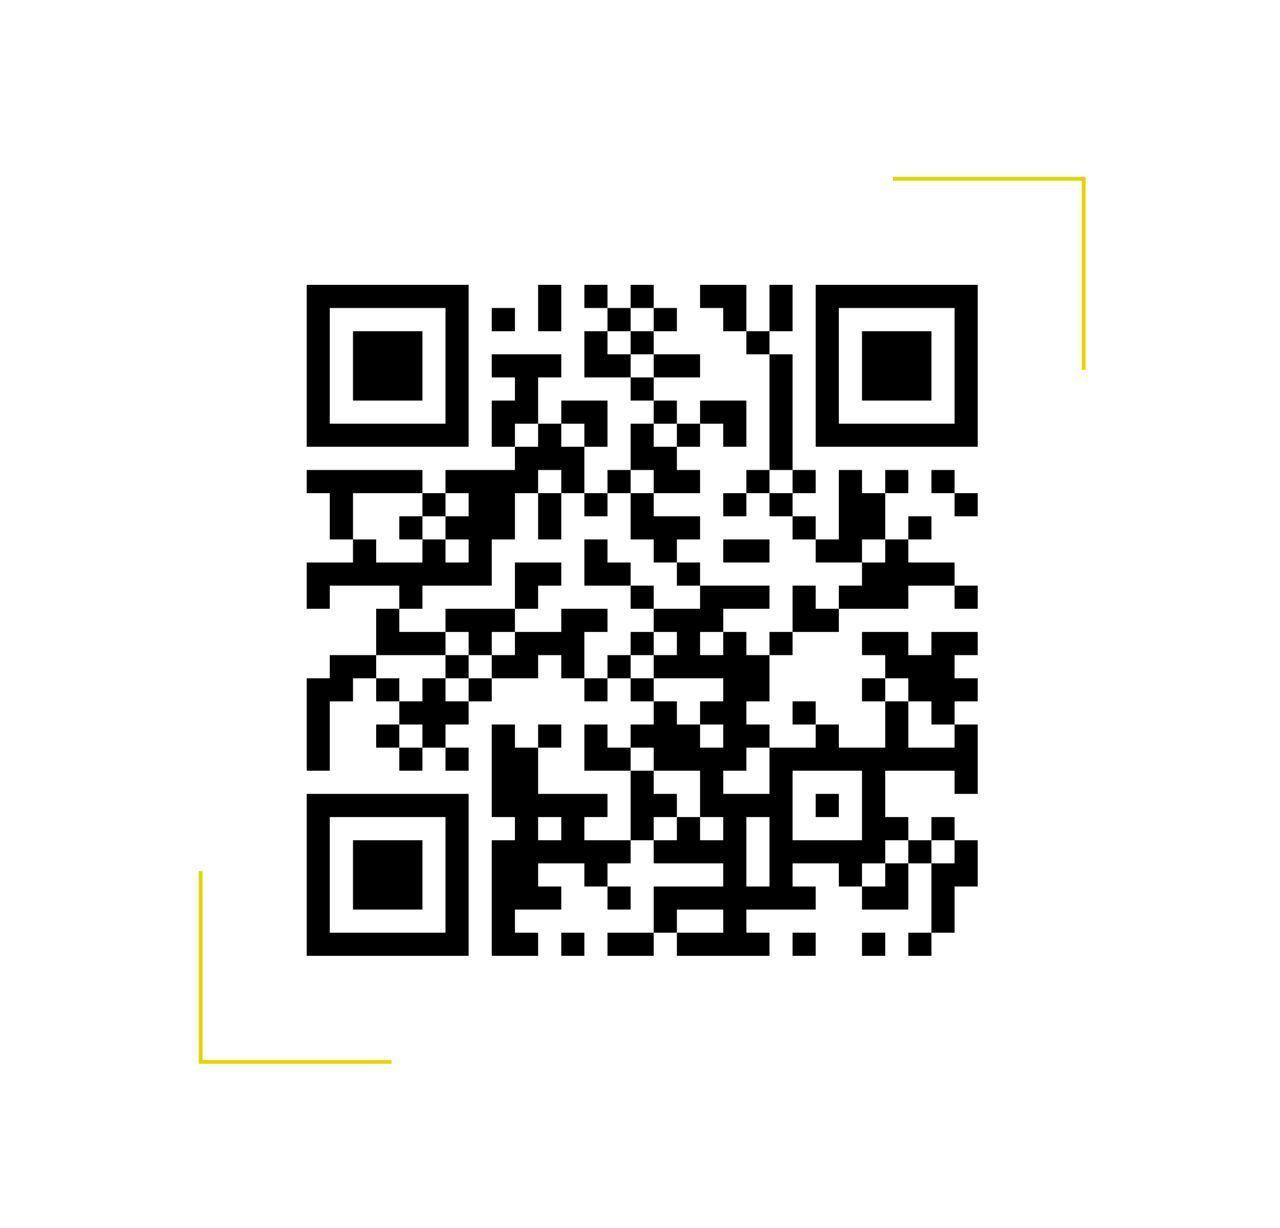 وسائل الدفع المتاحة لدينا : Payment Methods - Oscar Tech ...